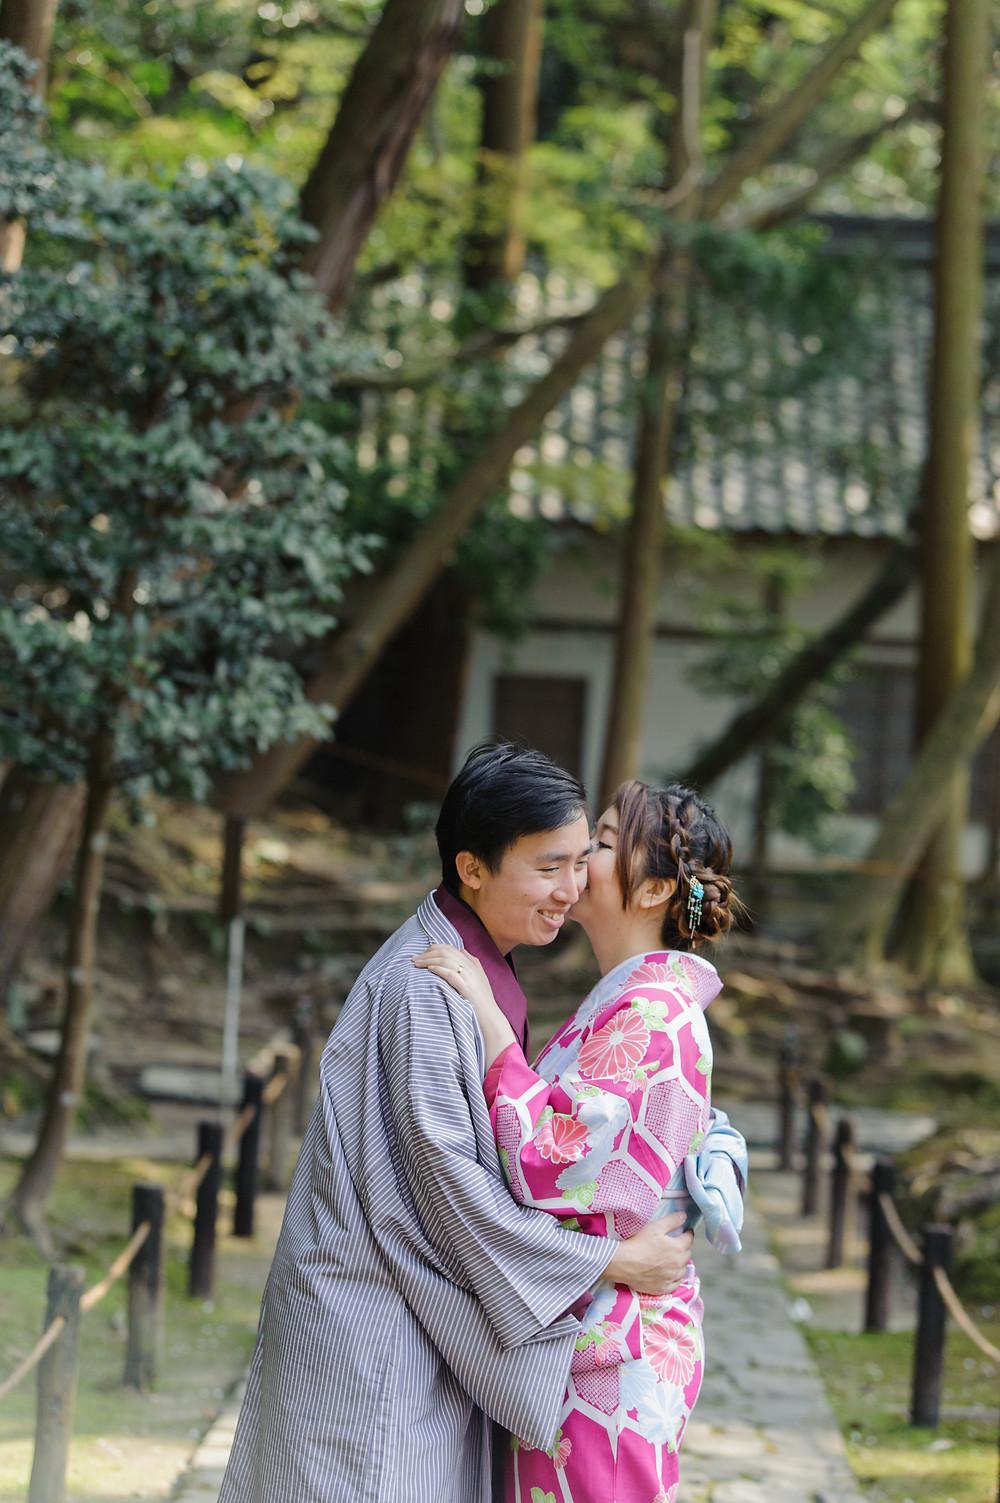 Kyoto in Kimonos, touring a temple